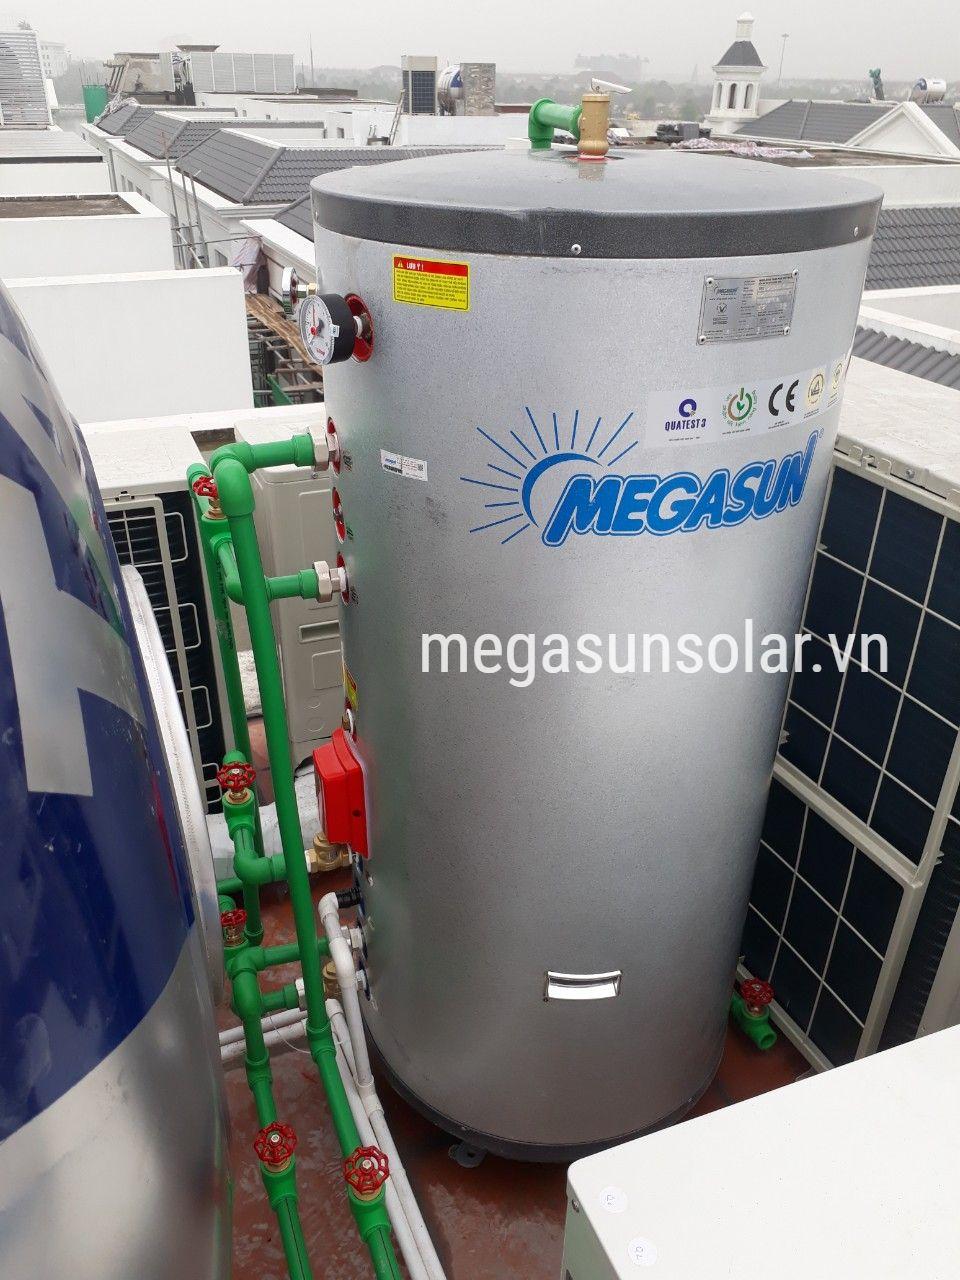 Heat pump Megasun